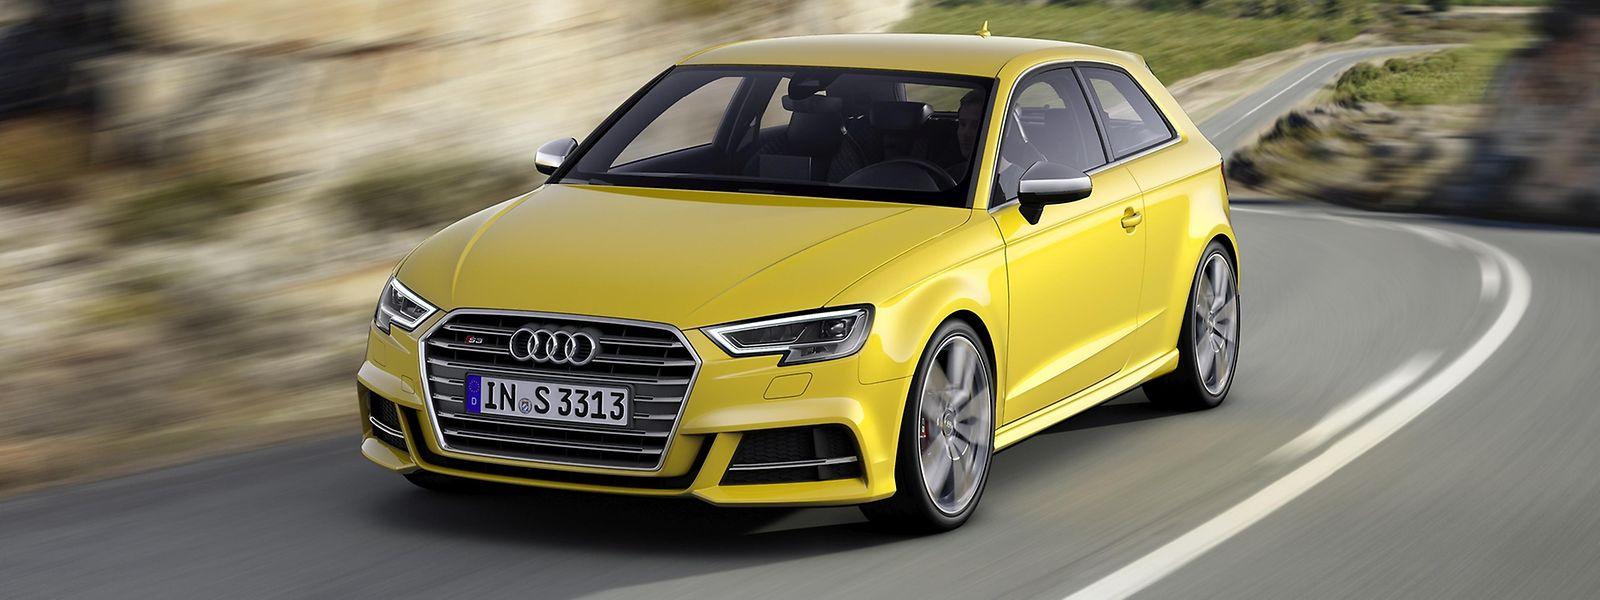 Der überarbeitete Audi A3 (im Bild ein S3) ist unter anderem an der neuen – aggressiver gezeichneten – Fahrzeugfront zu erkennen.